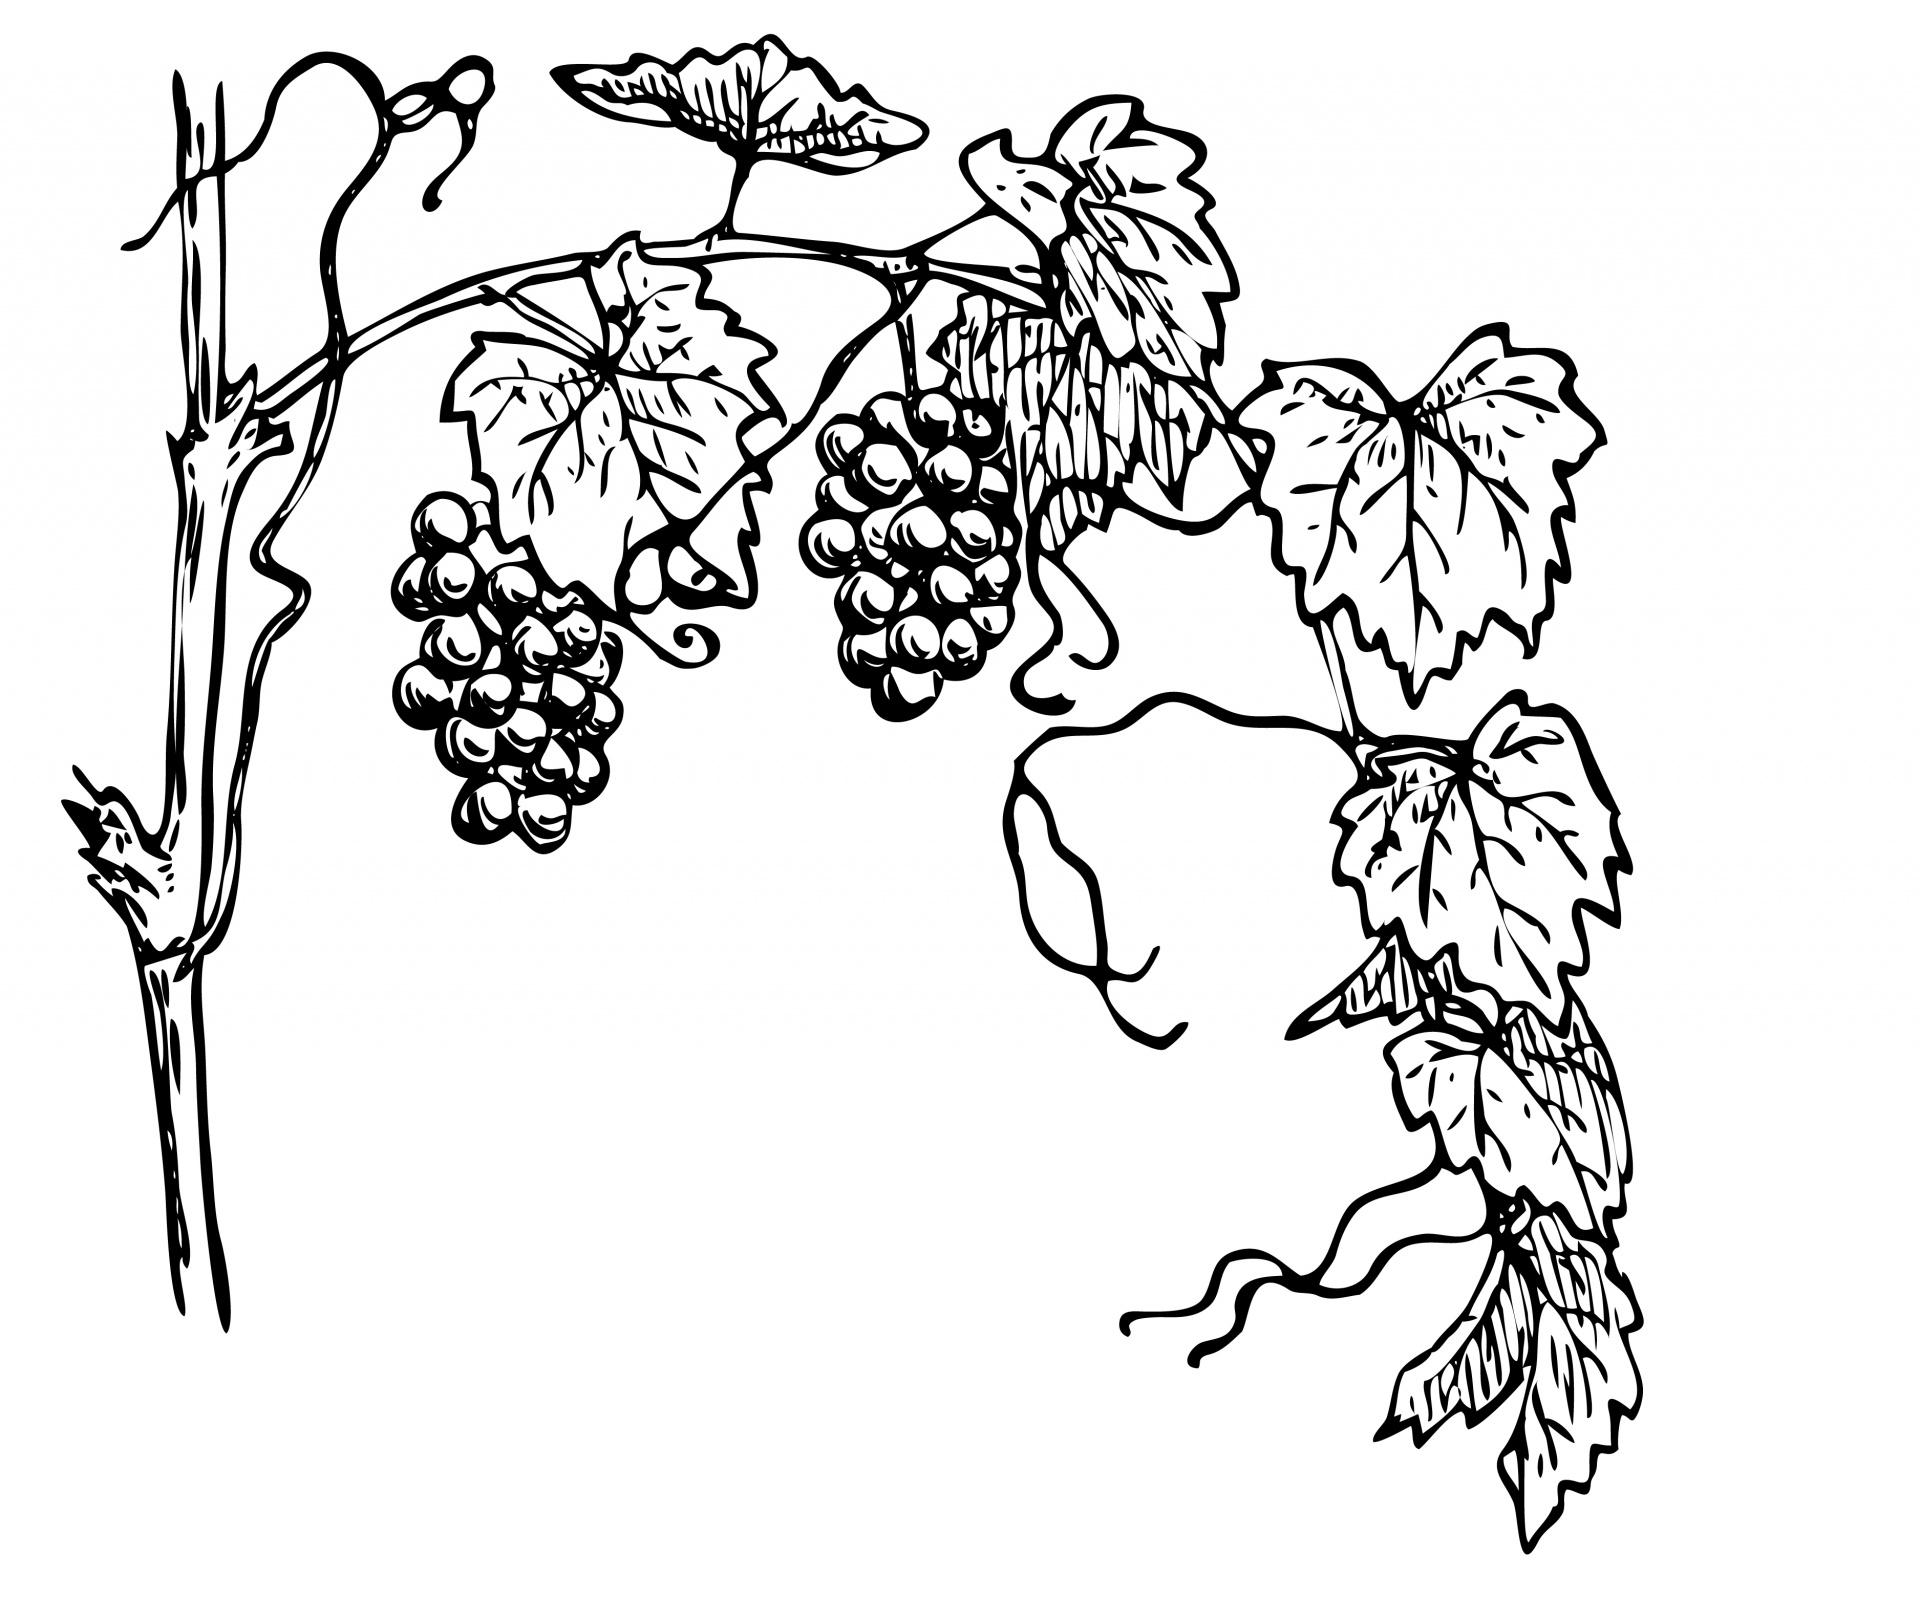 Grape Vine Clipart | Free download best Grape Vine Clipart on ... for Drawing Grape Vines  83fiz